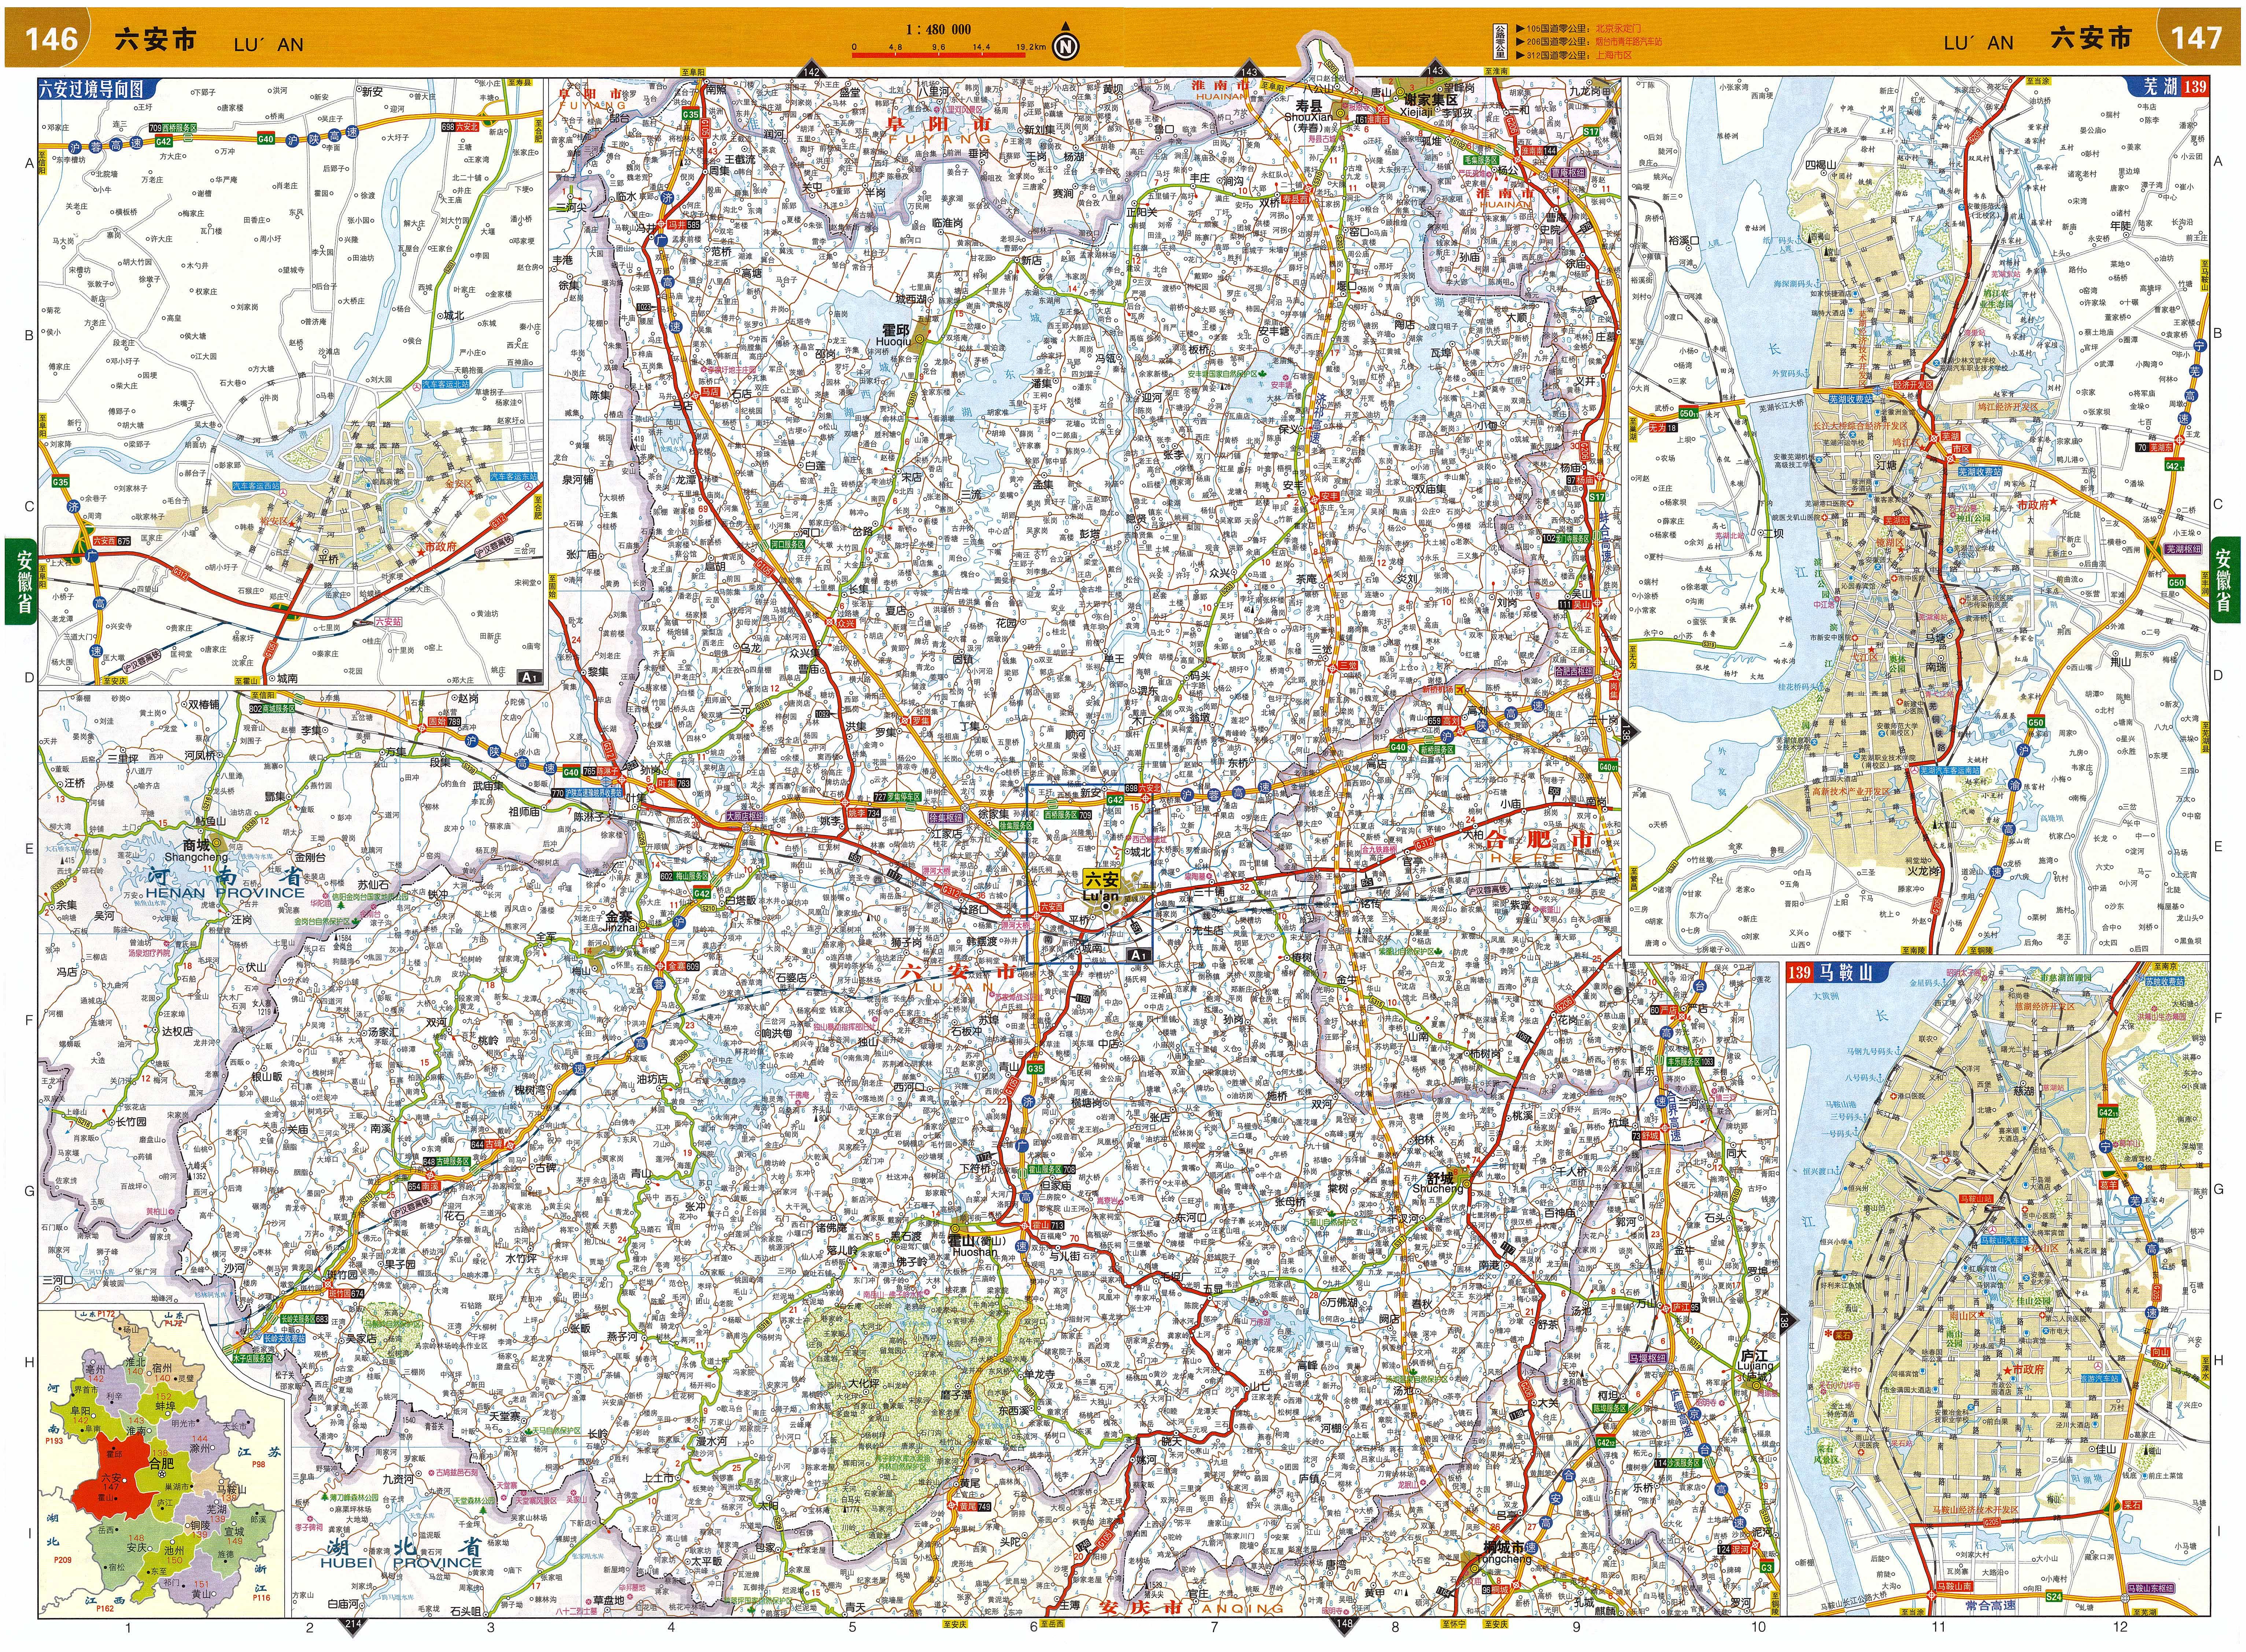 六安市交通地图全图高清版